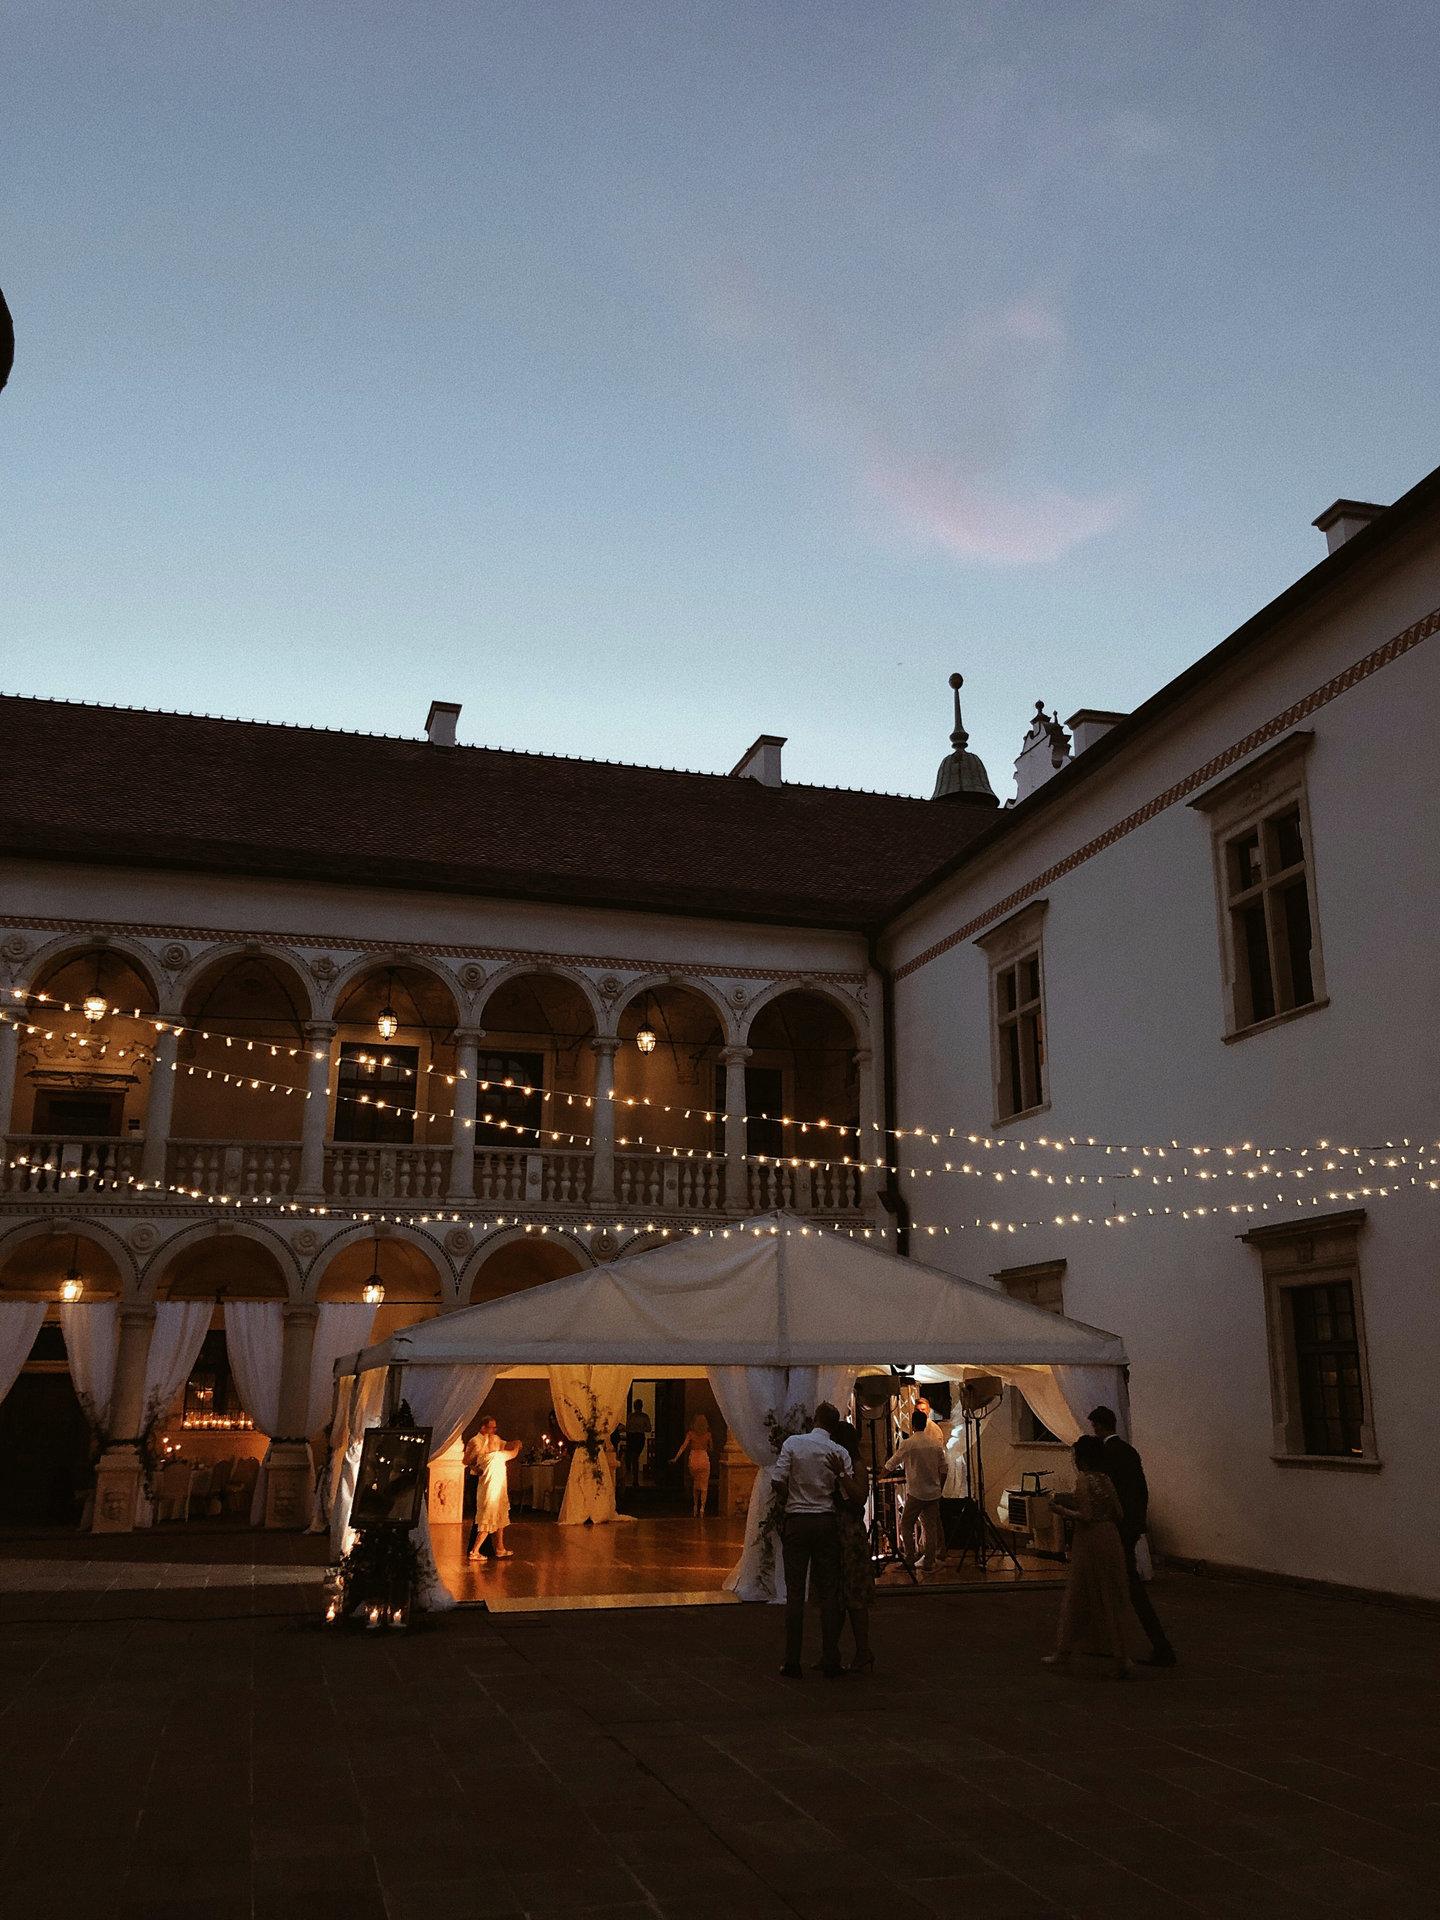 Wynajem światełek fairy lights na wesele, Baranów Sandomierski